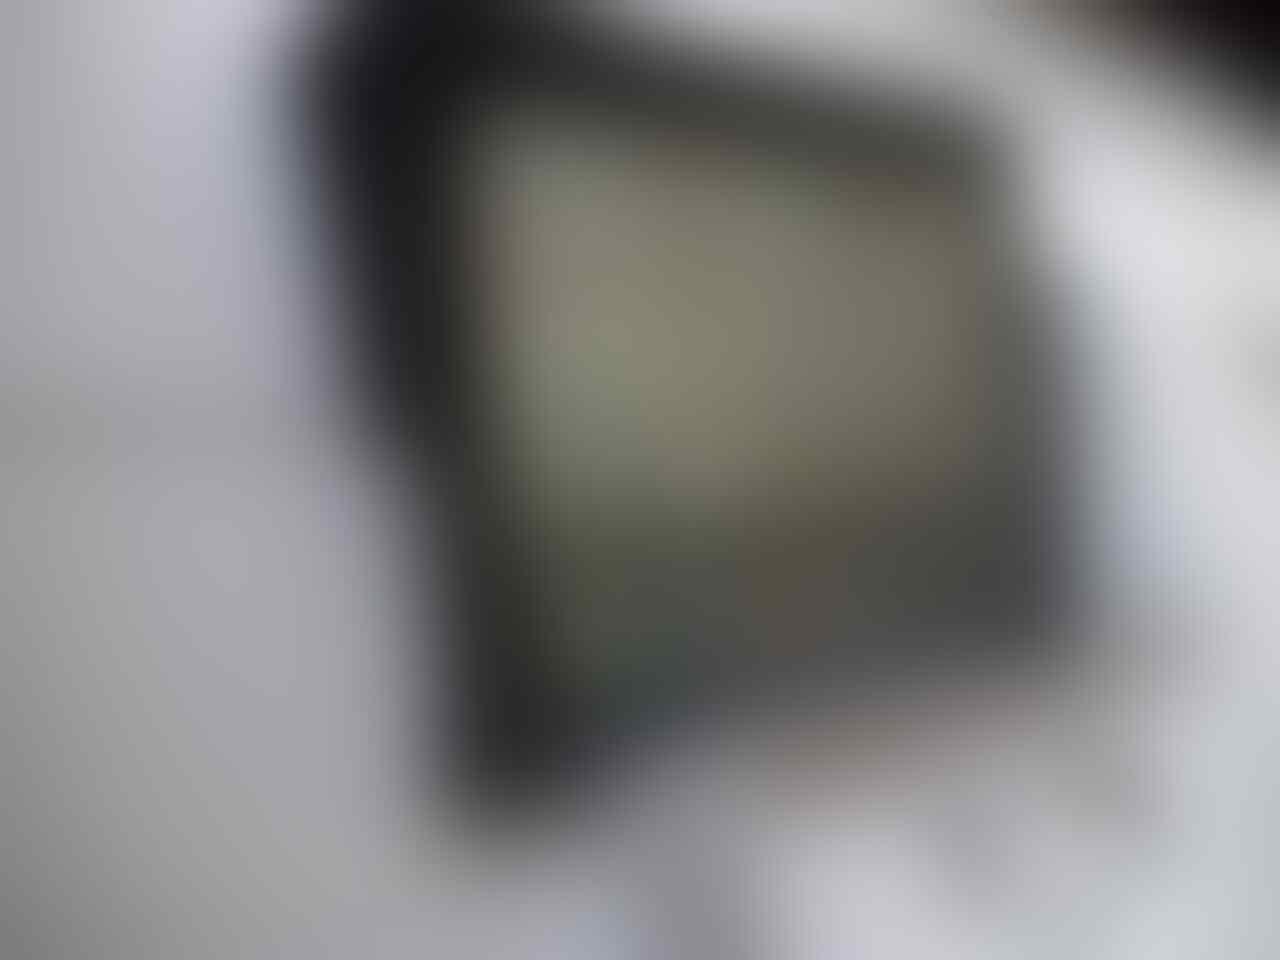 Jual IPAD 16GB WIFI (Msh Garansi)